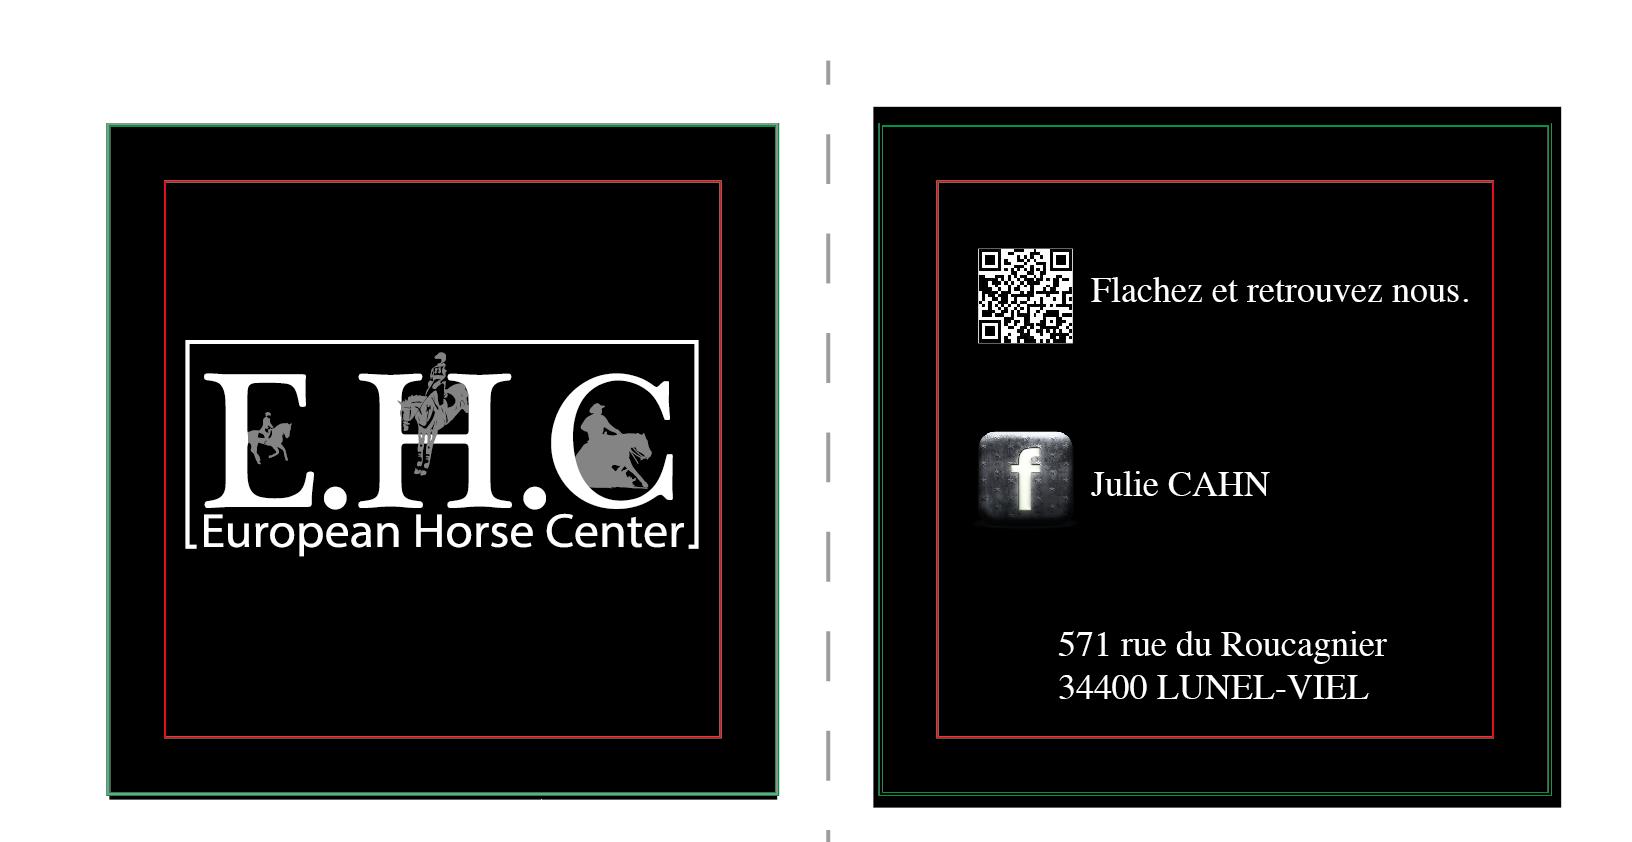 European Horse Center